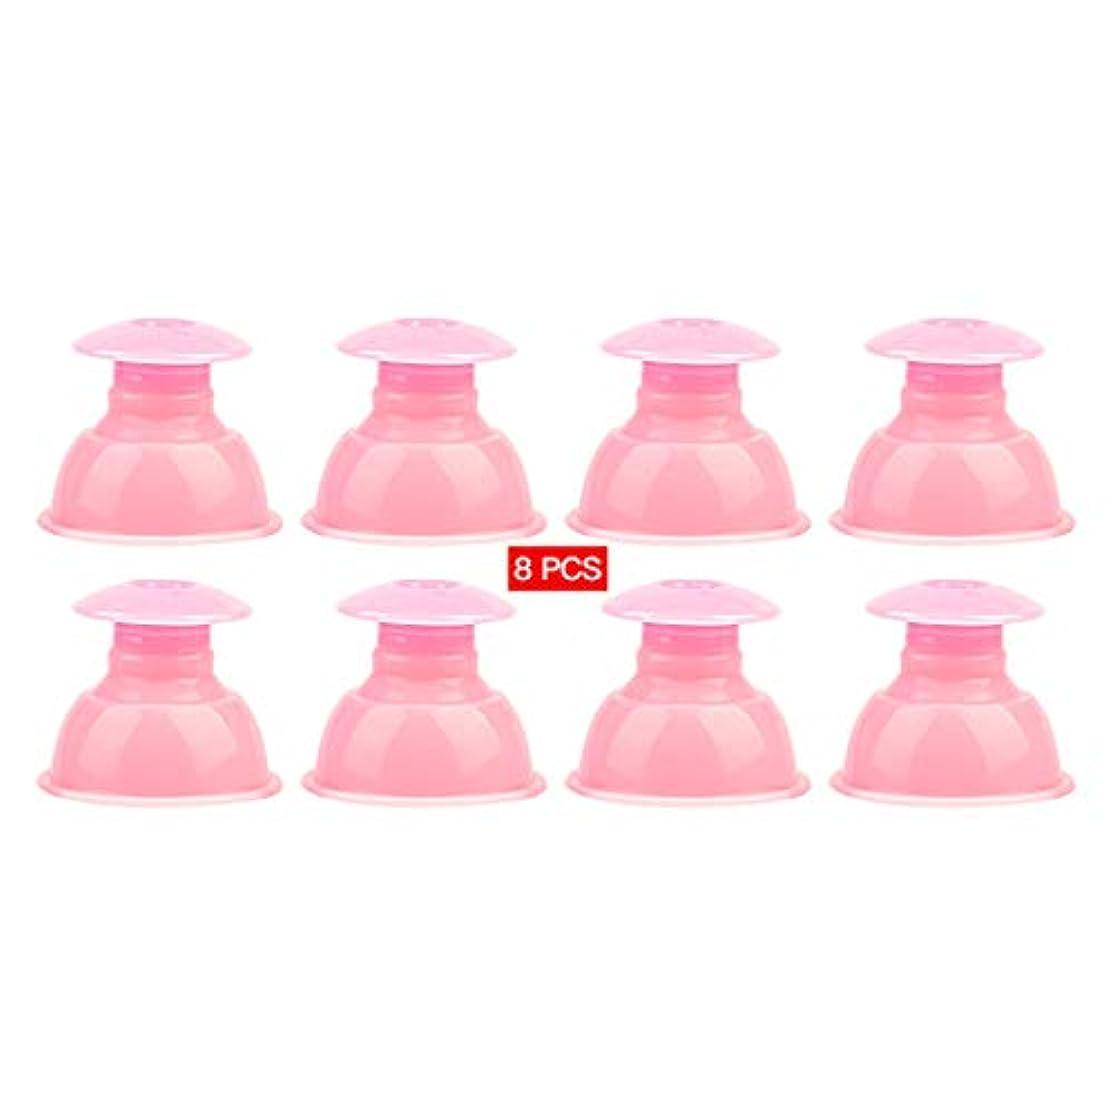 水を飲む見込み厚い吸い玉 カッピング シリコン製 水洗いOK 繰り返し使える 55×35×48mm 8個セット ピンク